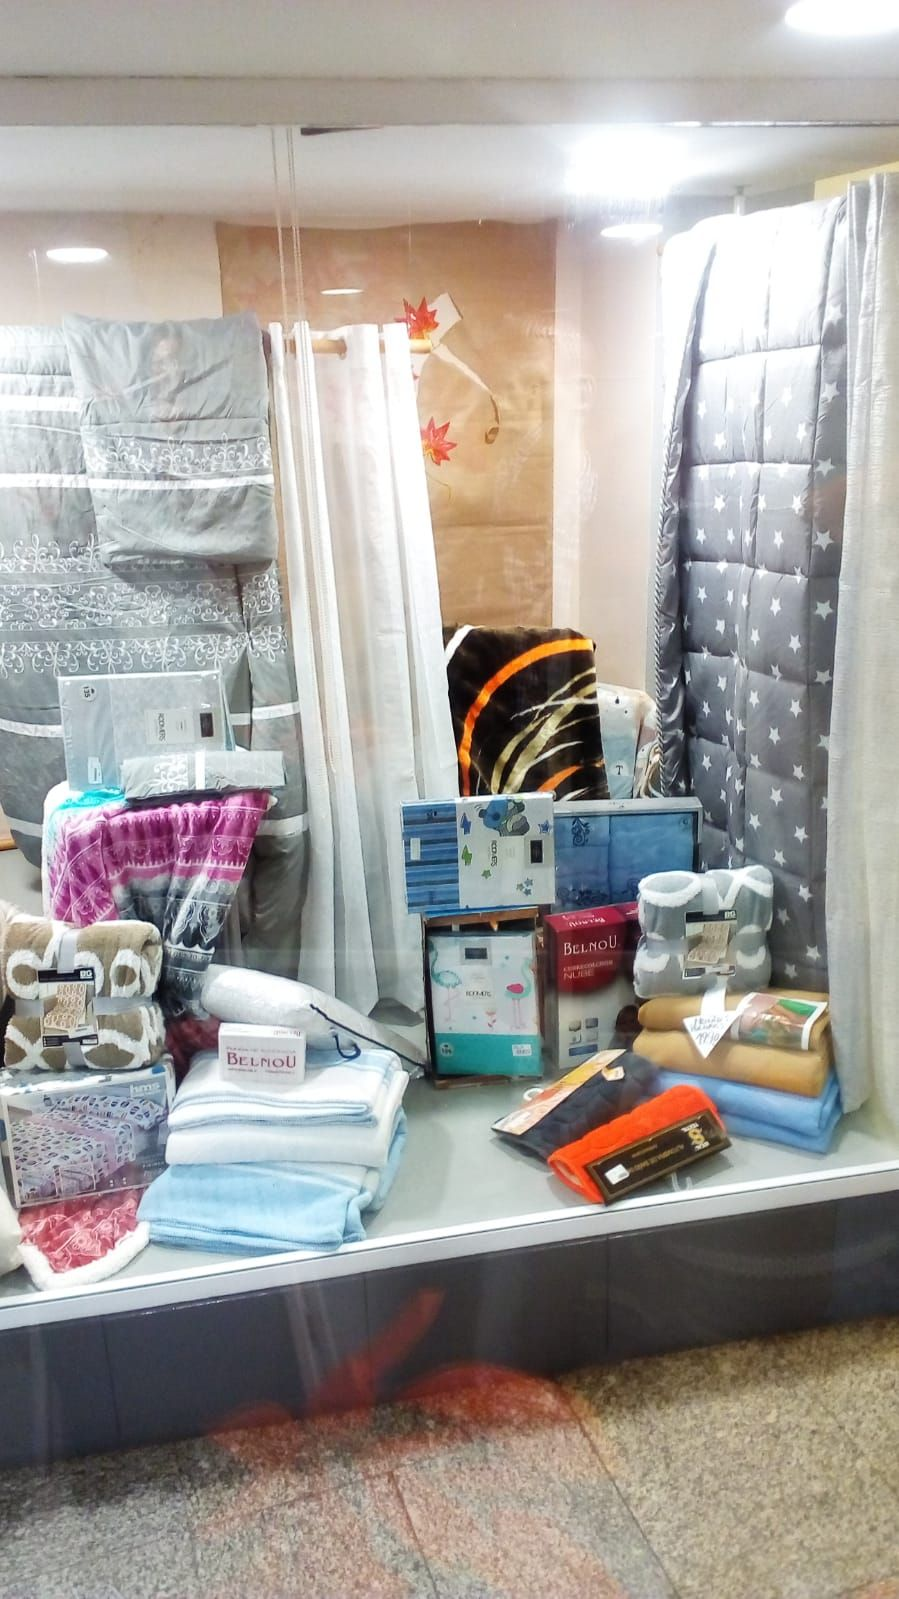 Venta de ropa de cama en Lugo